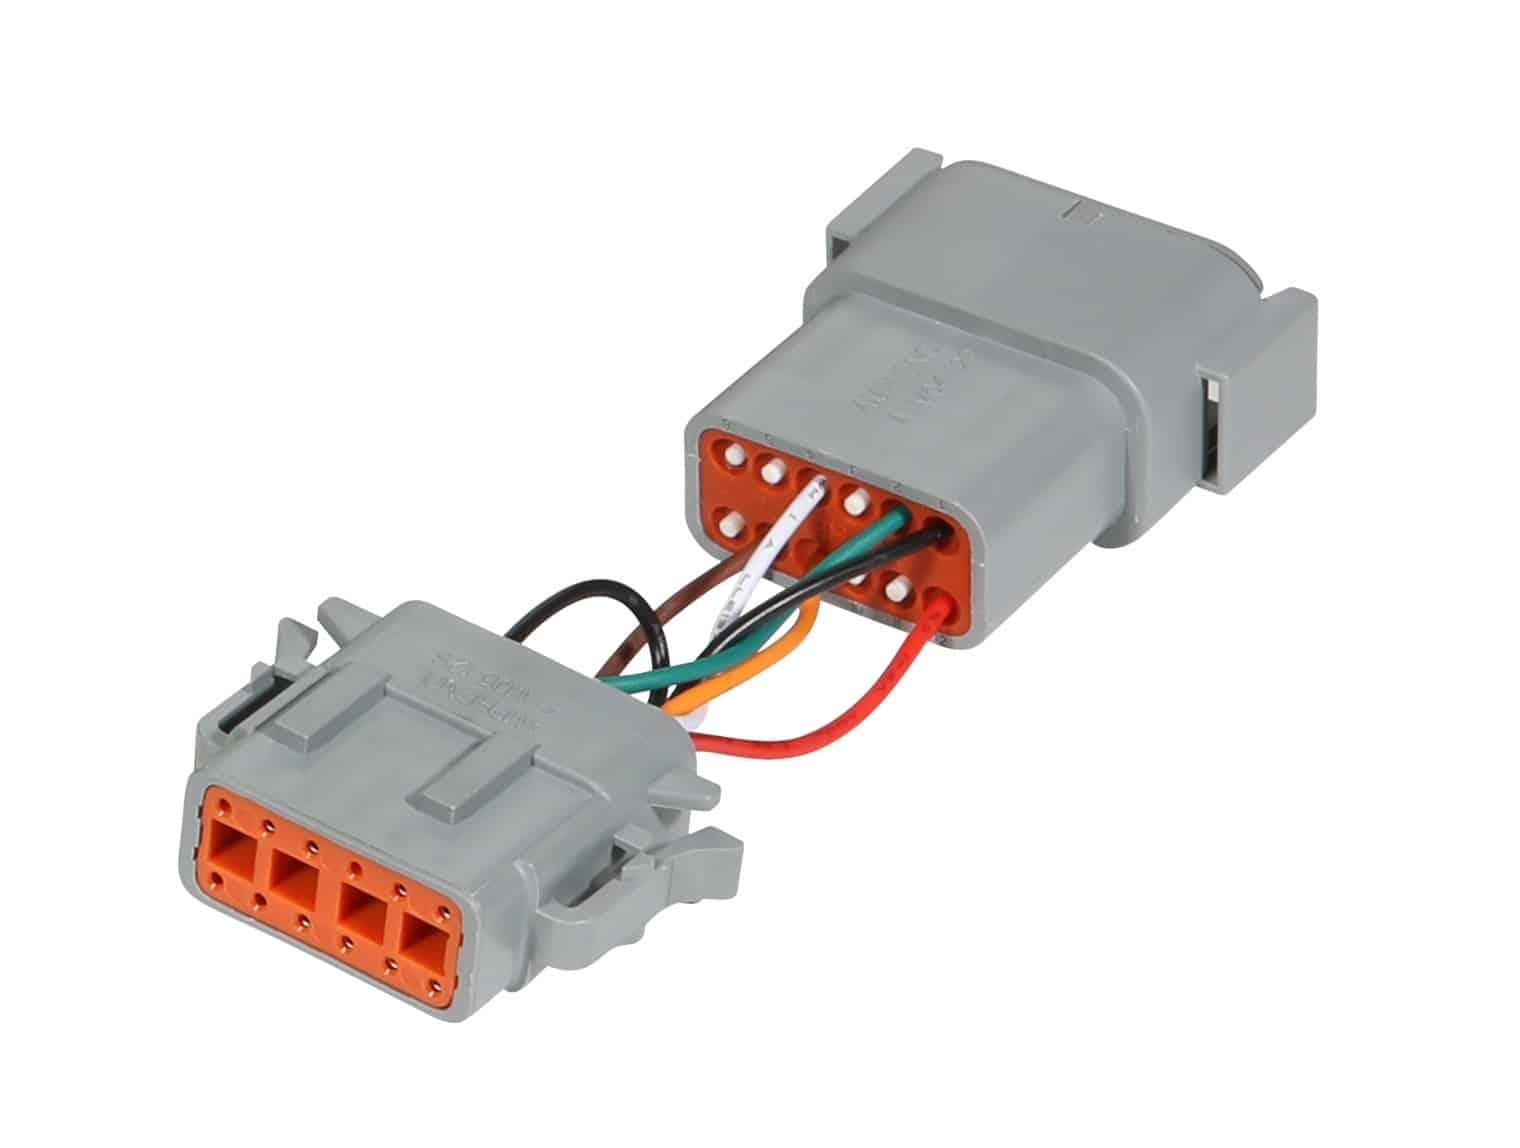 Bild: Geotab HRN-RMRCA1 Kabelbaum Adapter CAT-spezifischer Adapter Bj. 2000-2016